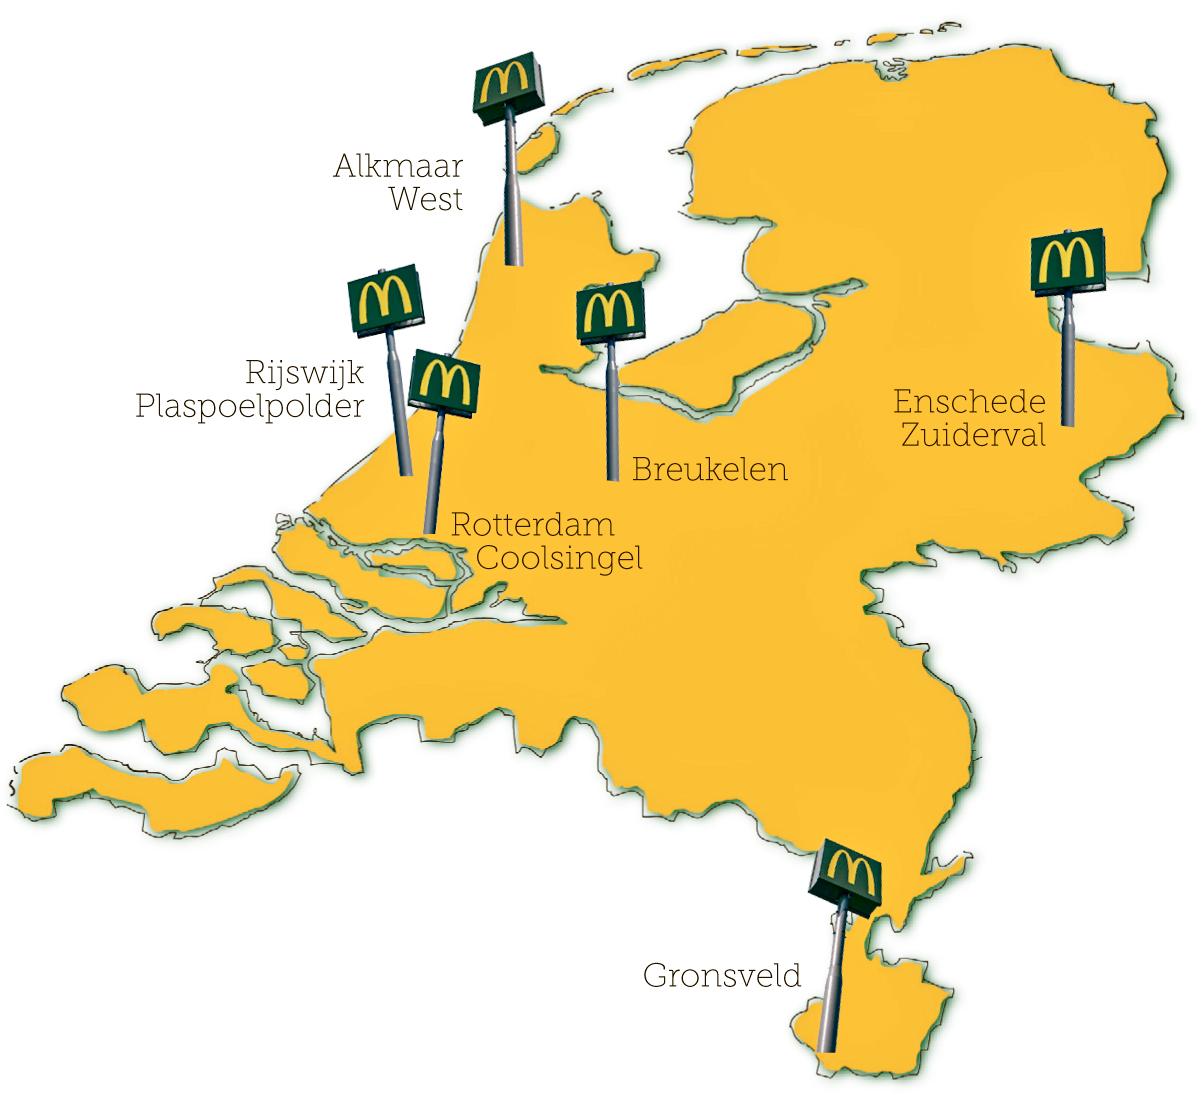 De zes nieuwe restaurantopeningen van McDonald's in 2014 leverden in totaal zo'n 500 nieuwe banen op. Bron: FranchiseFormules.NL